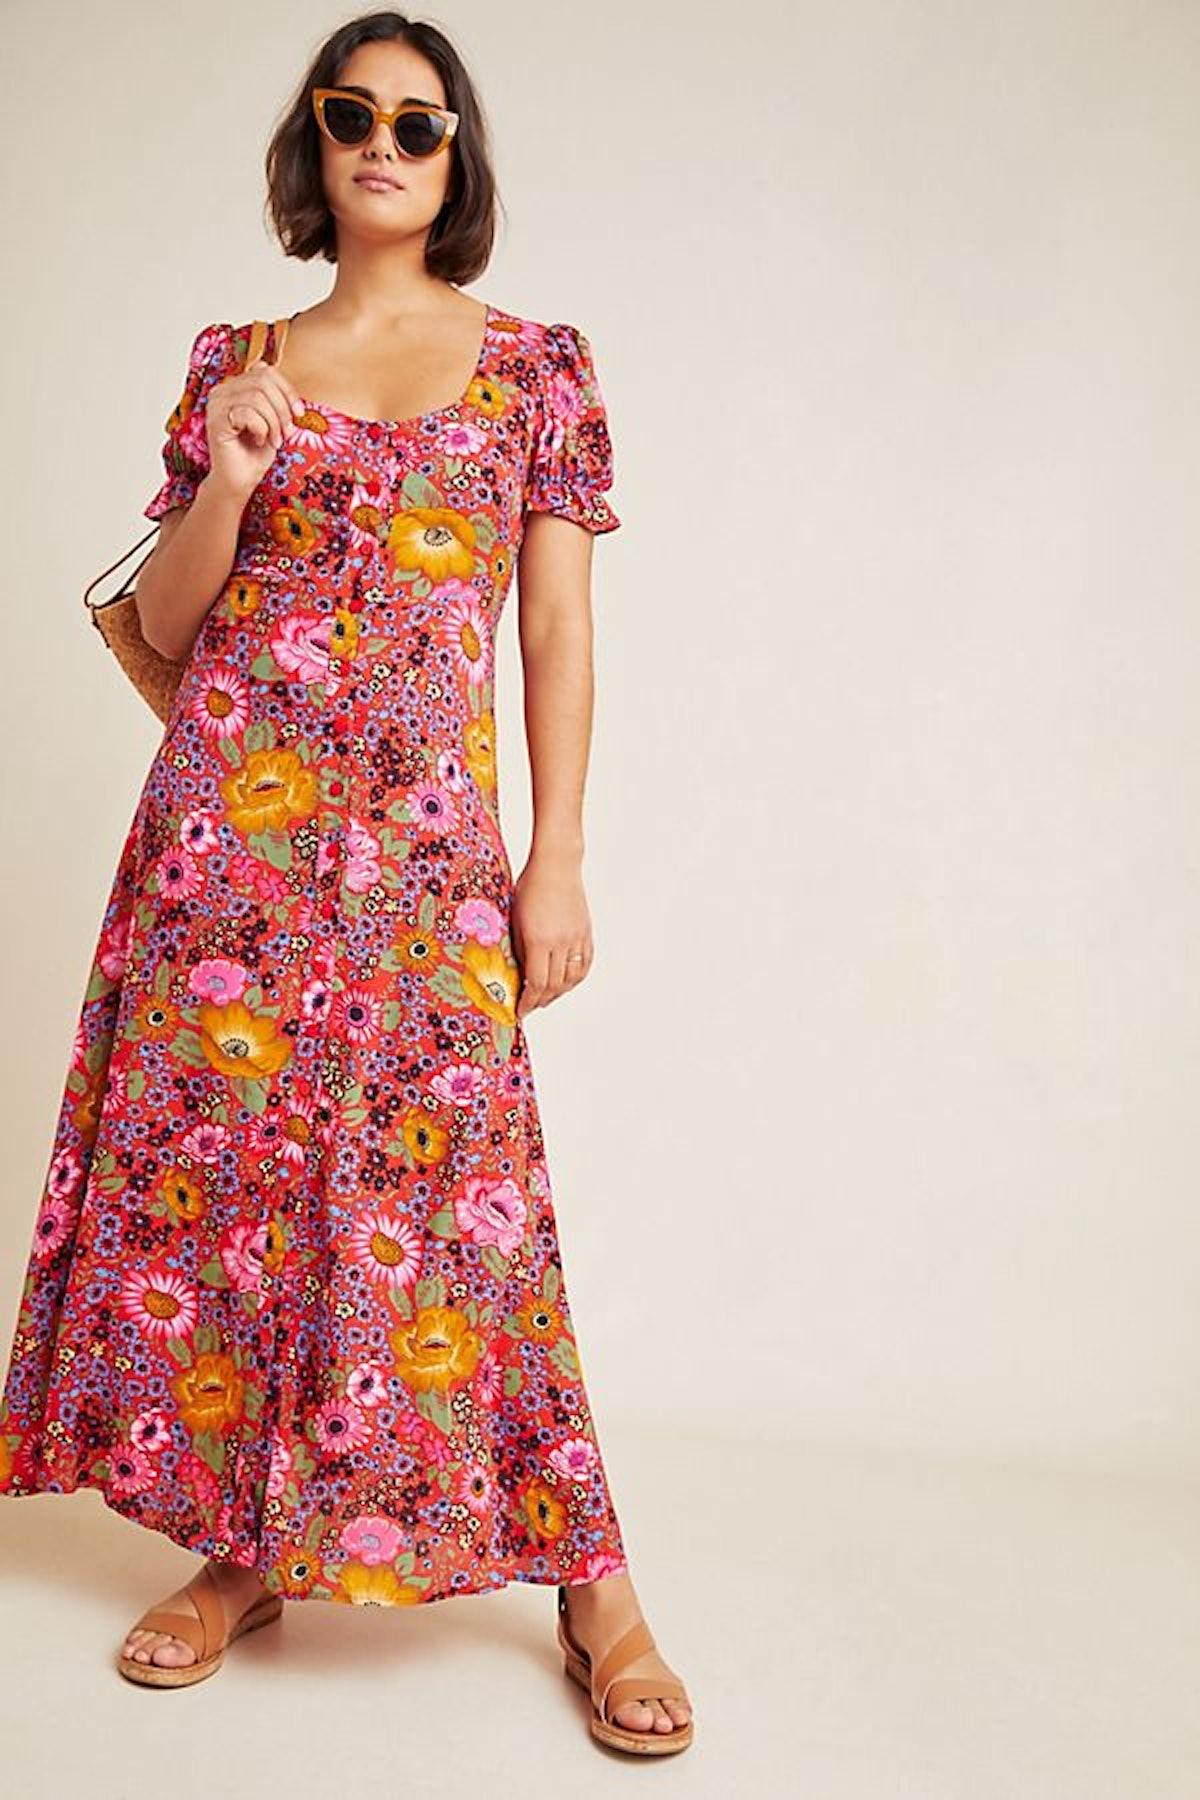 Laurel Canyon Button-Front Dress